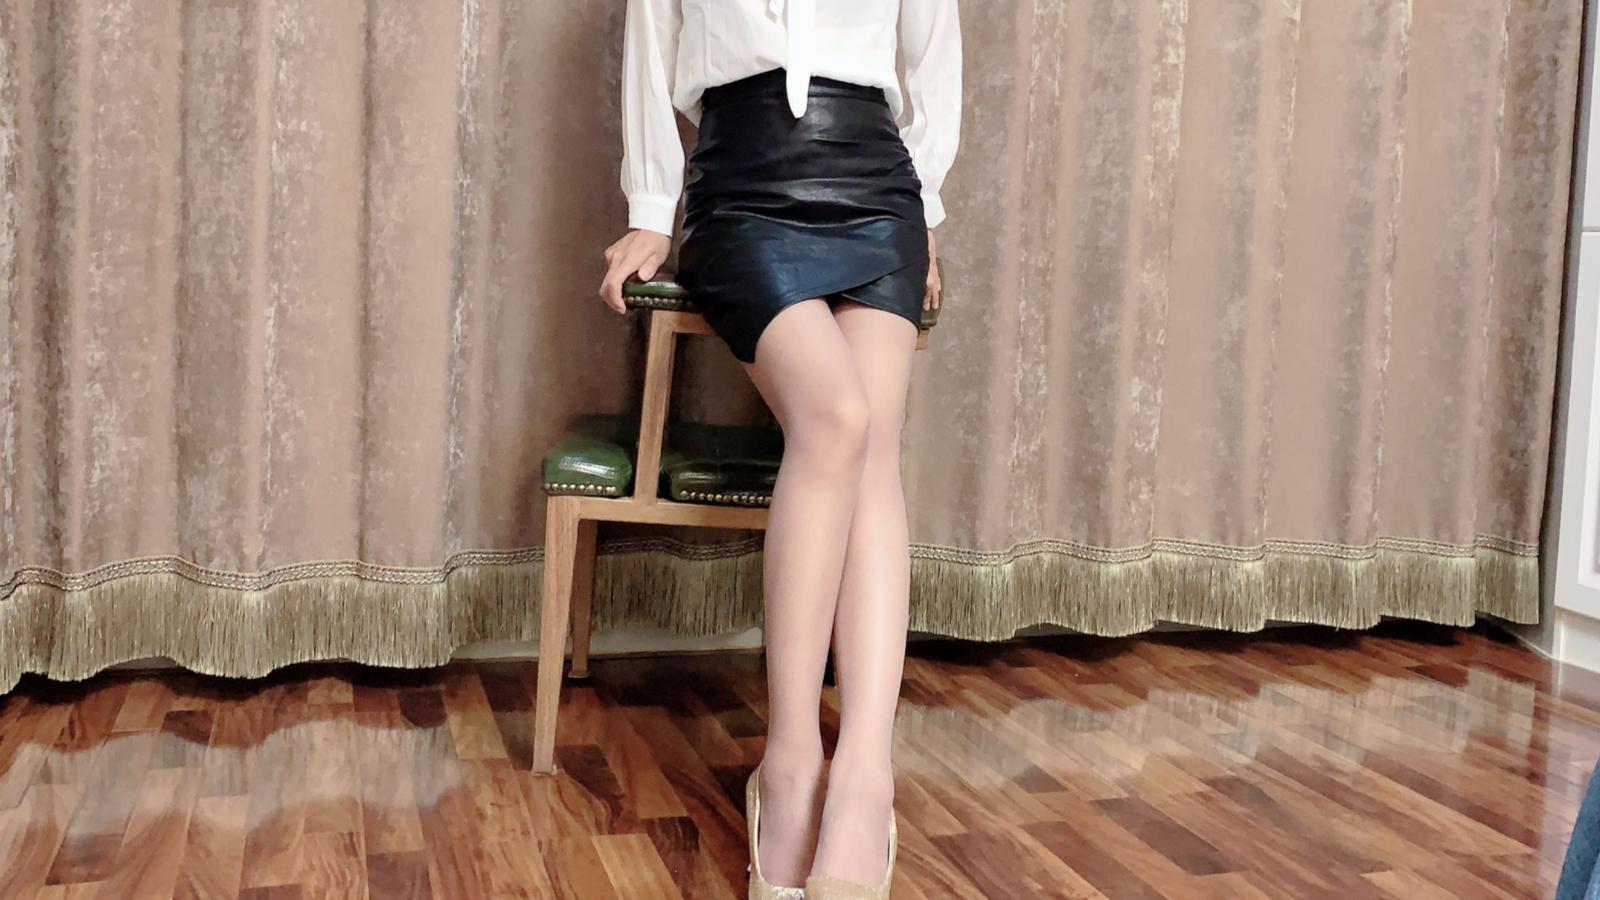 试穿咖啡色超薄丝袜,配上高跟鞋和黑皮裙,同时显得腿更加修长